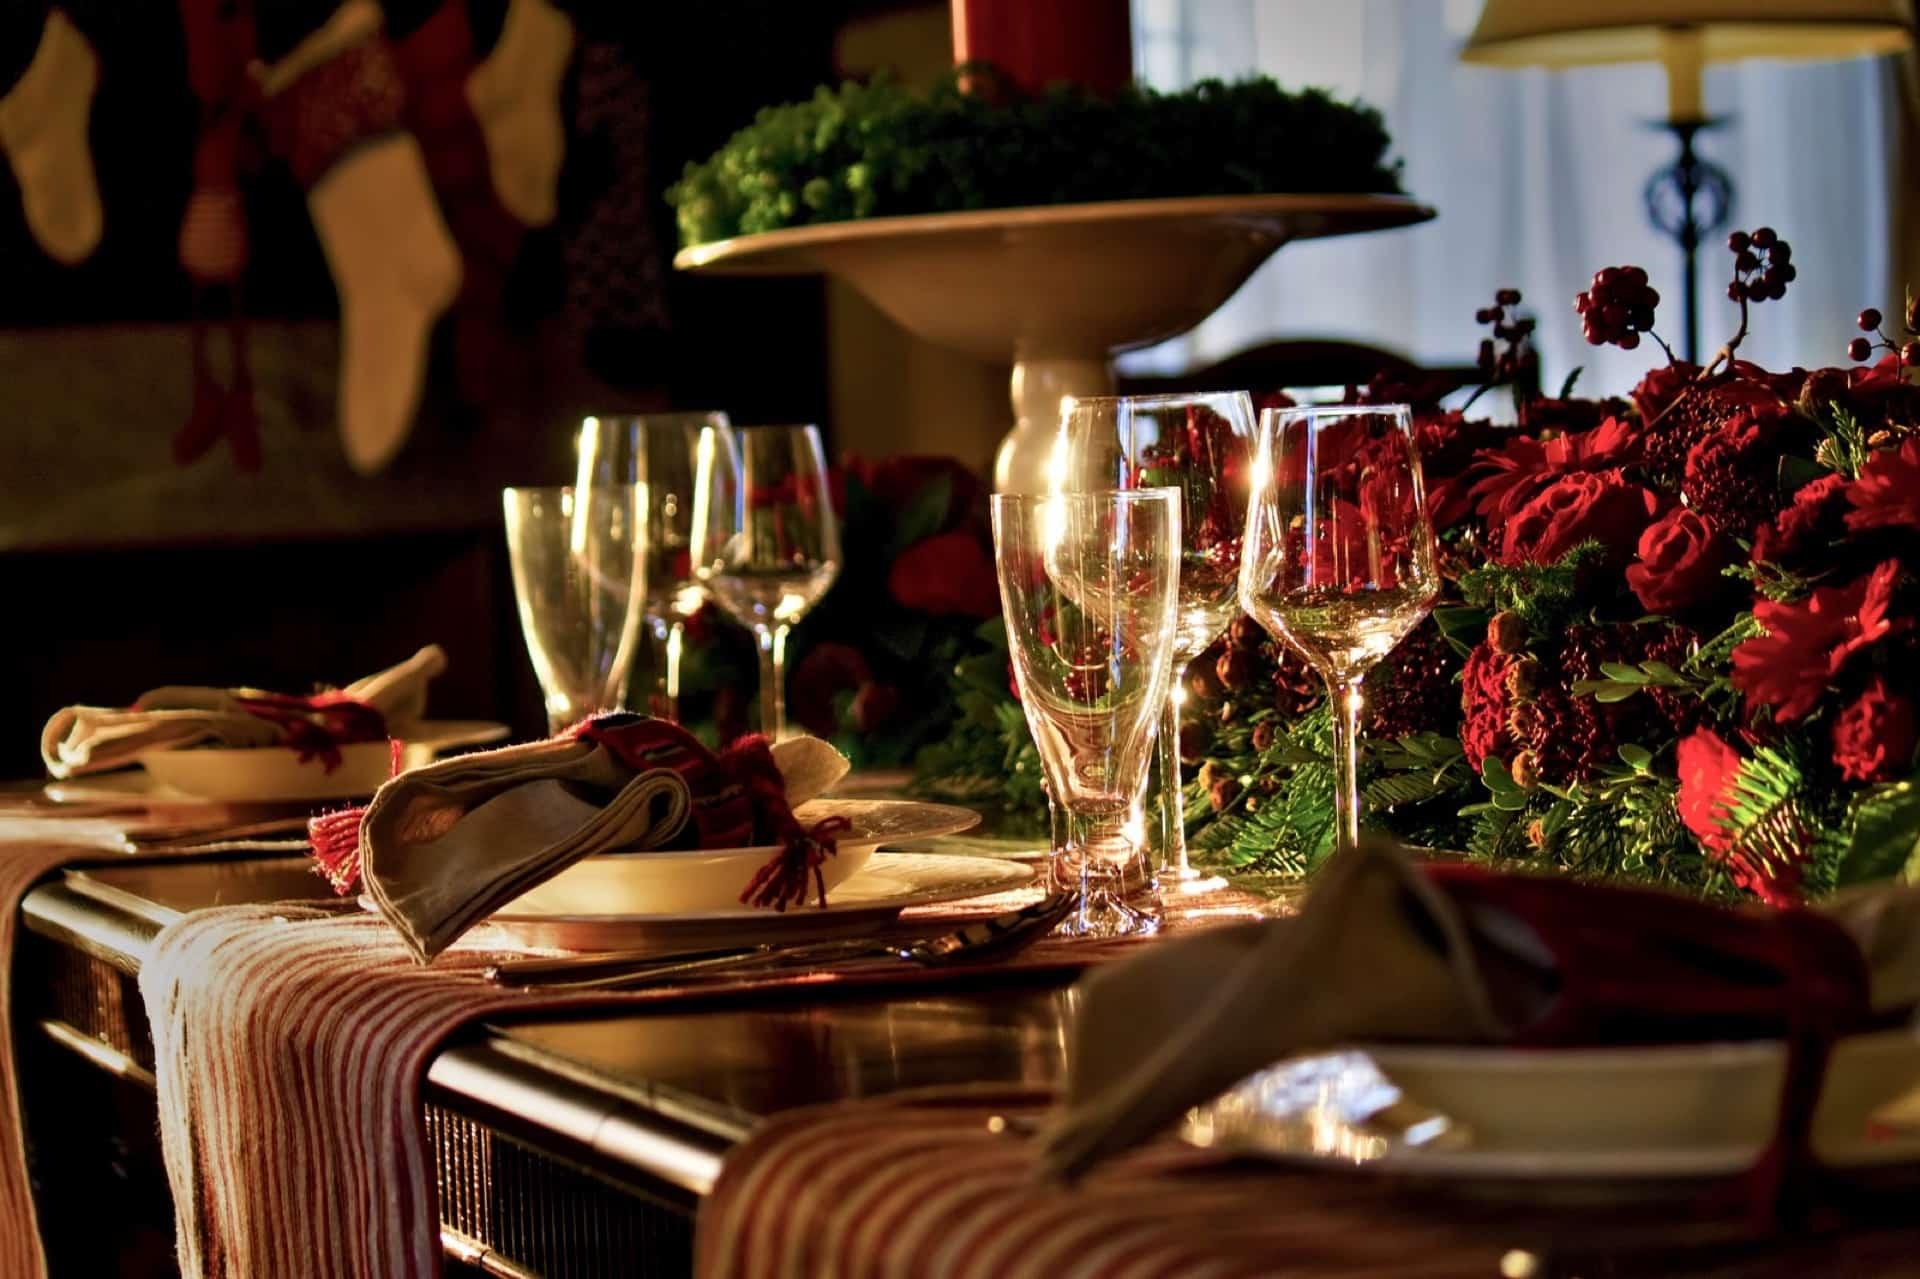 【2019年】神戸のおすすめクリスマスディナーはココ!ホテル・レストラン・穴場で予約したいお店25選